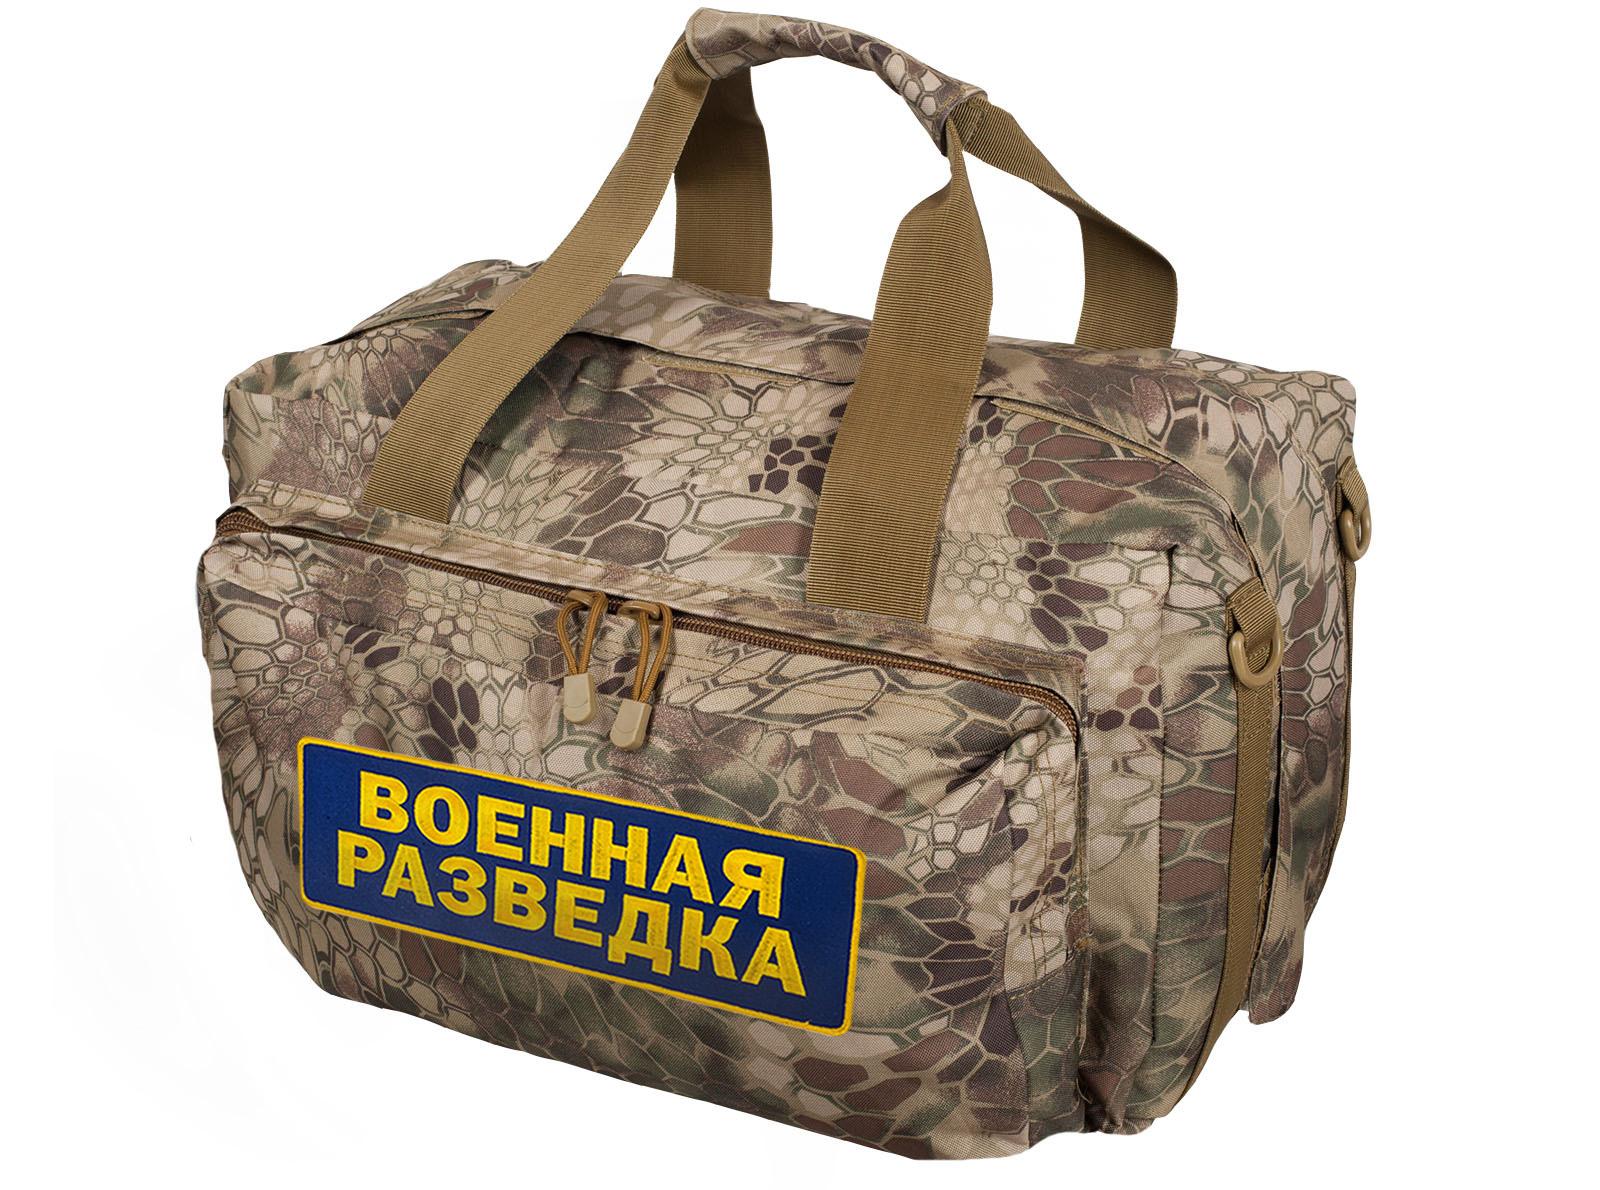 Купить в Москве камуфляжную сумку Военной разведки